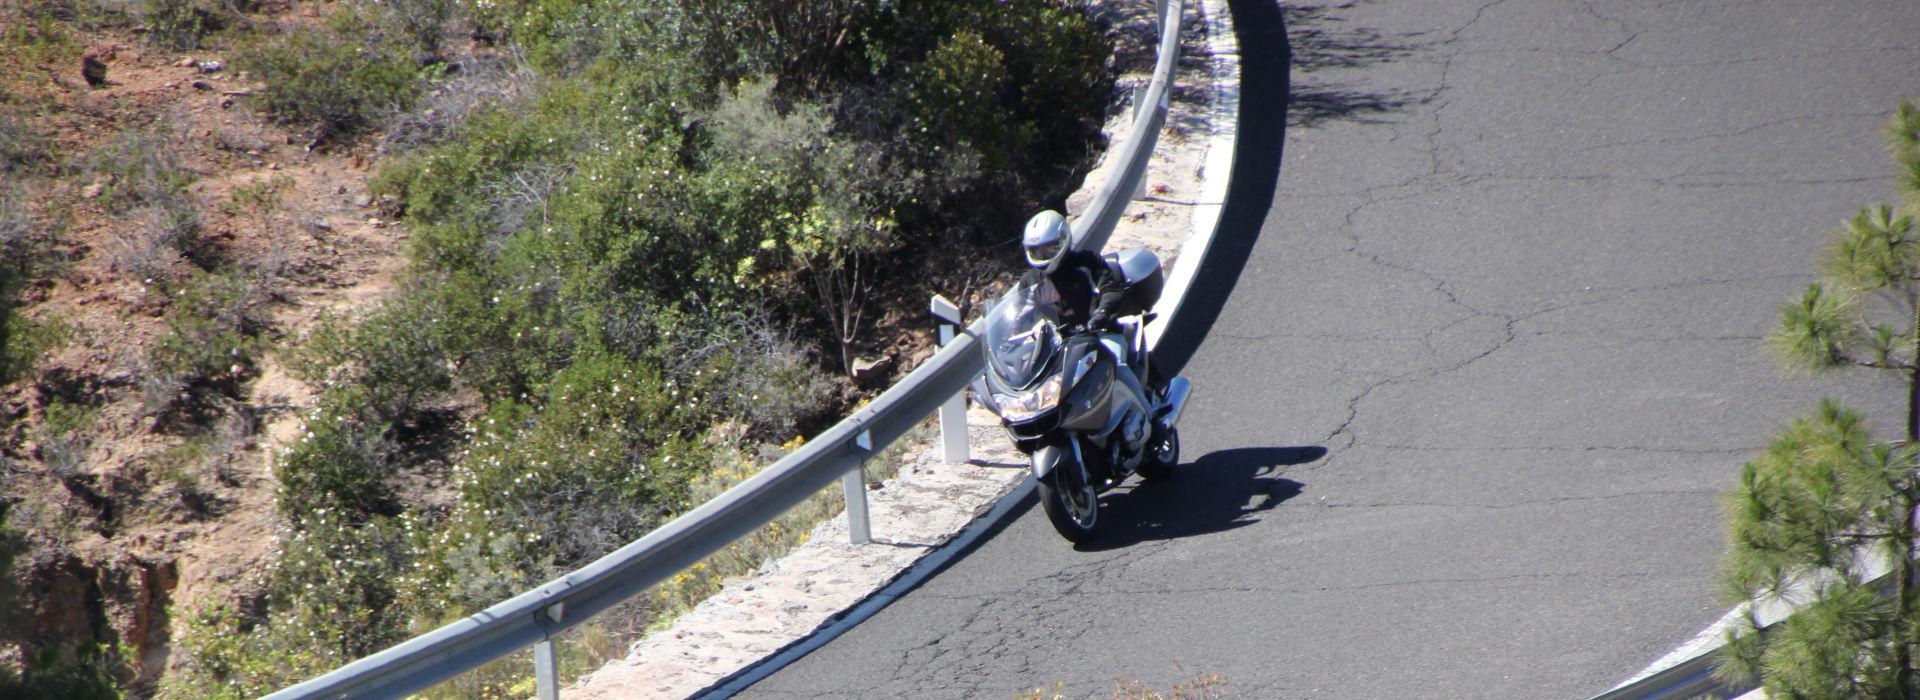 Motorrijbewijspoint Wieringerwerf snelcursus motorrijbewijs